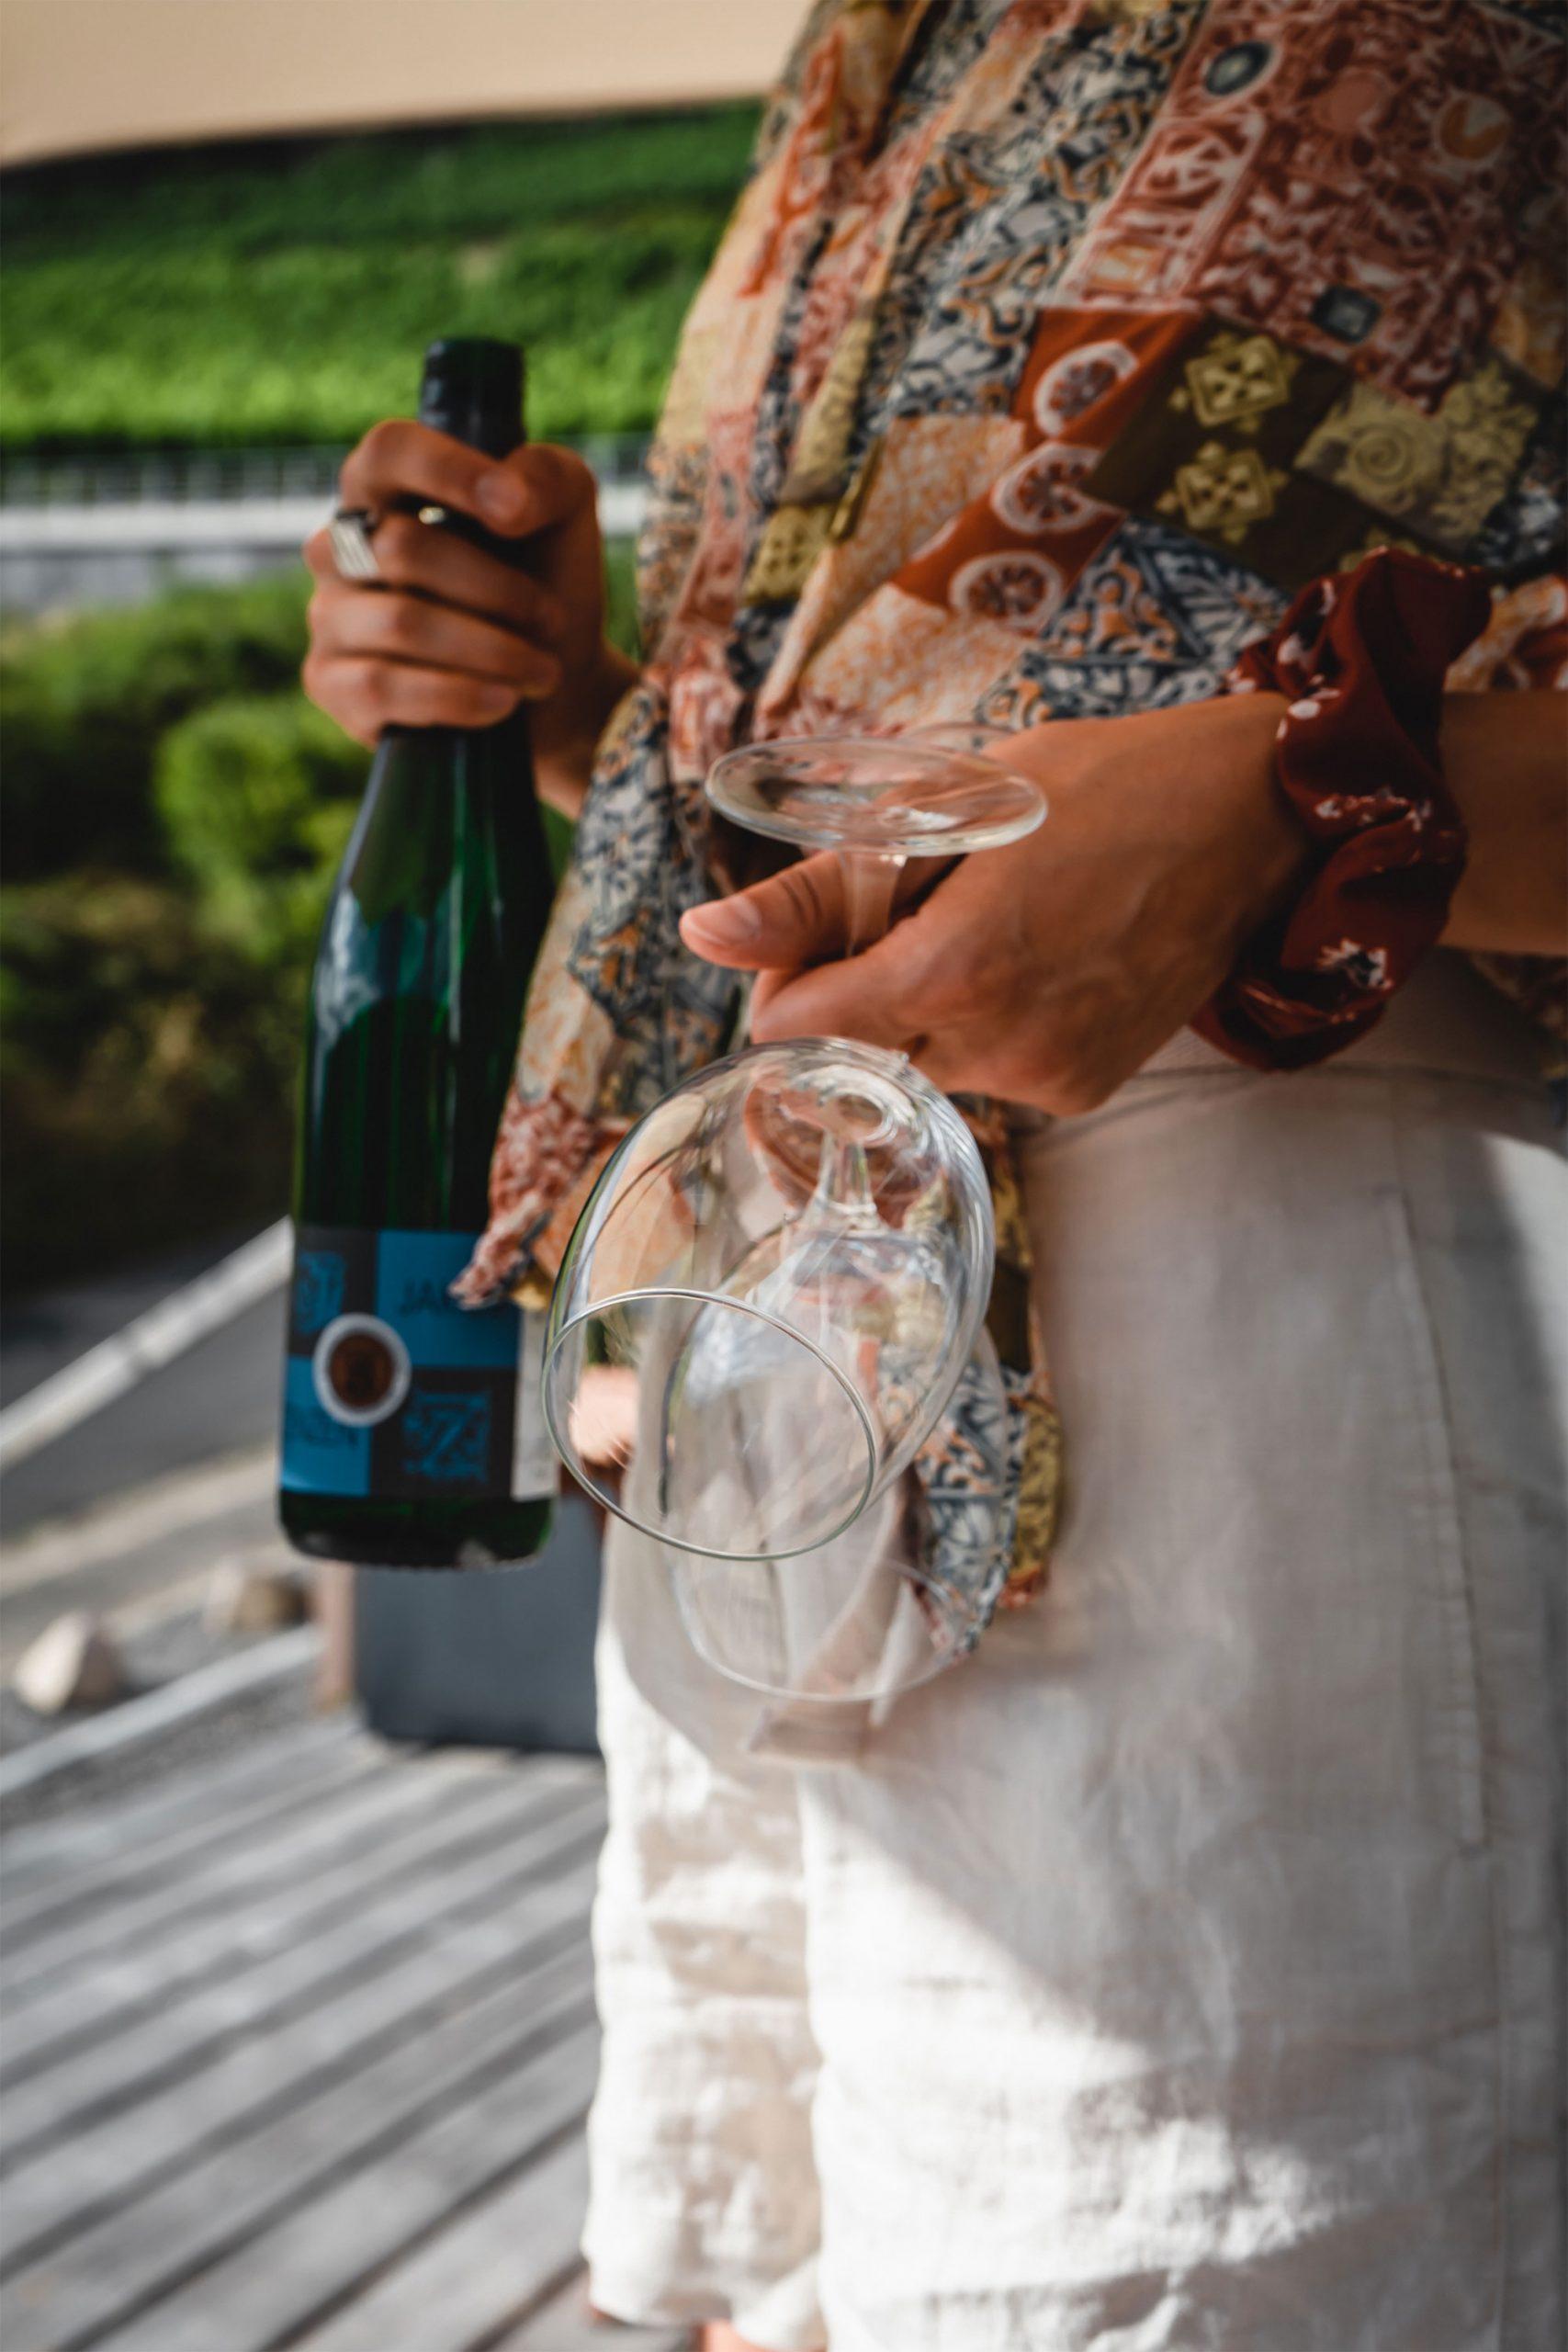 Bei einem guten Glas Wein abschalten